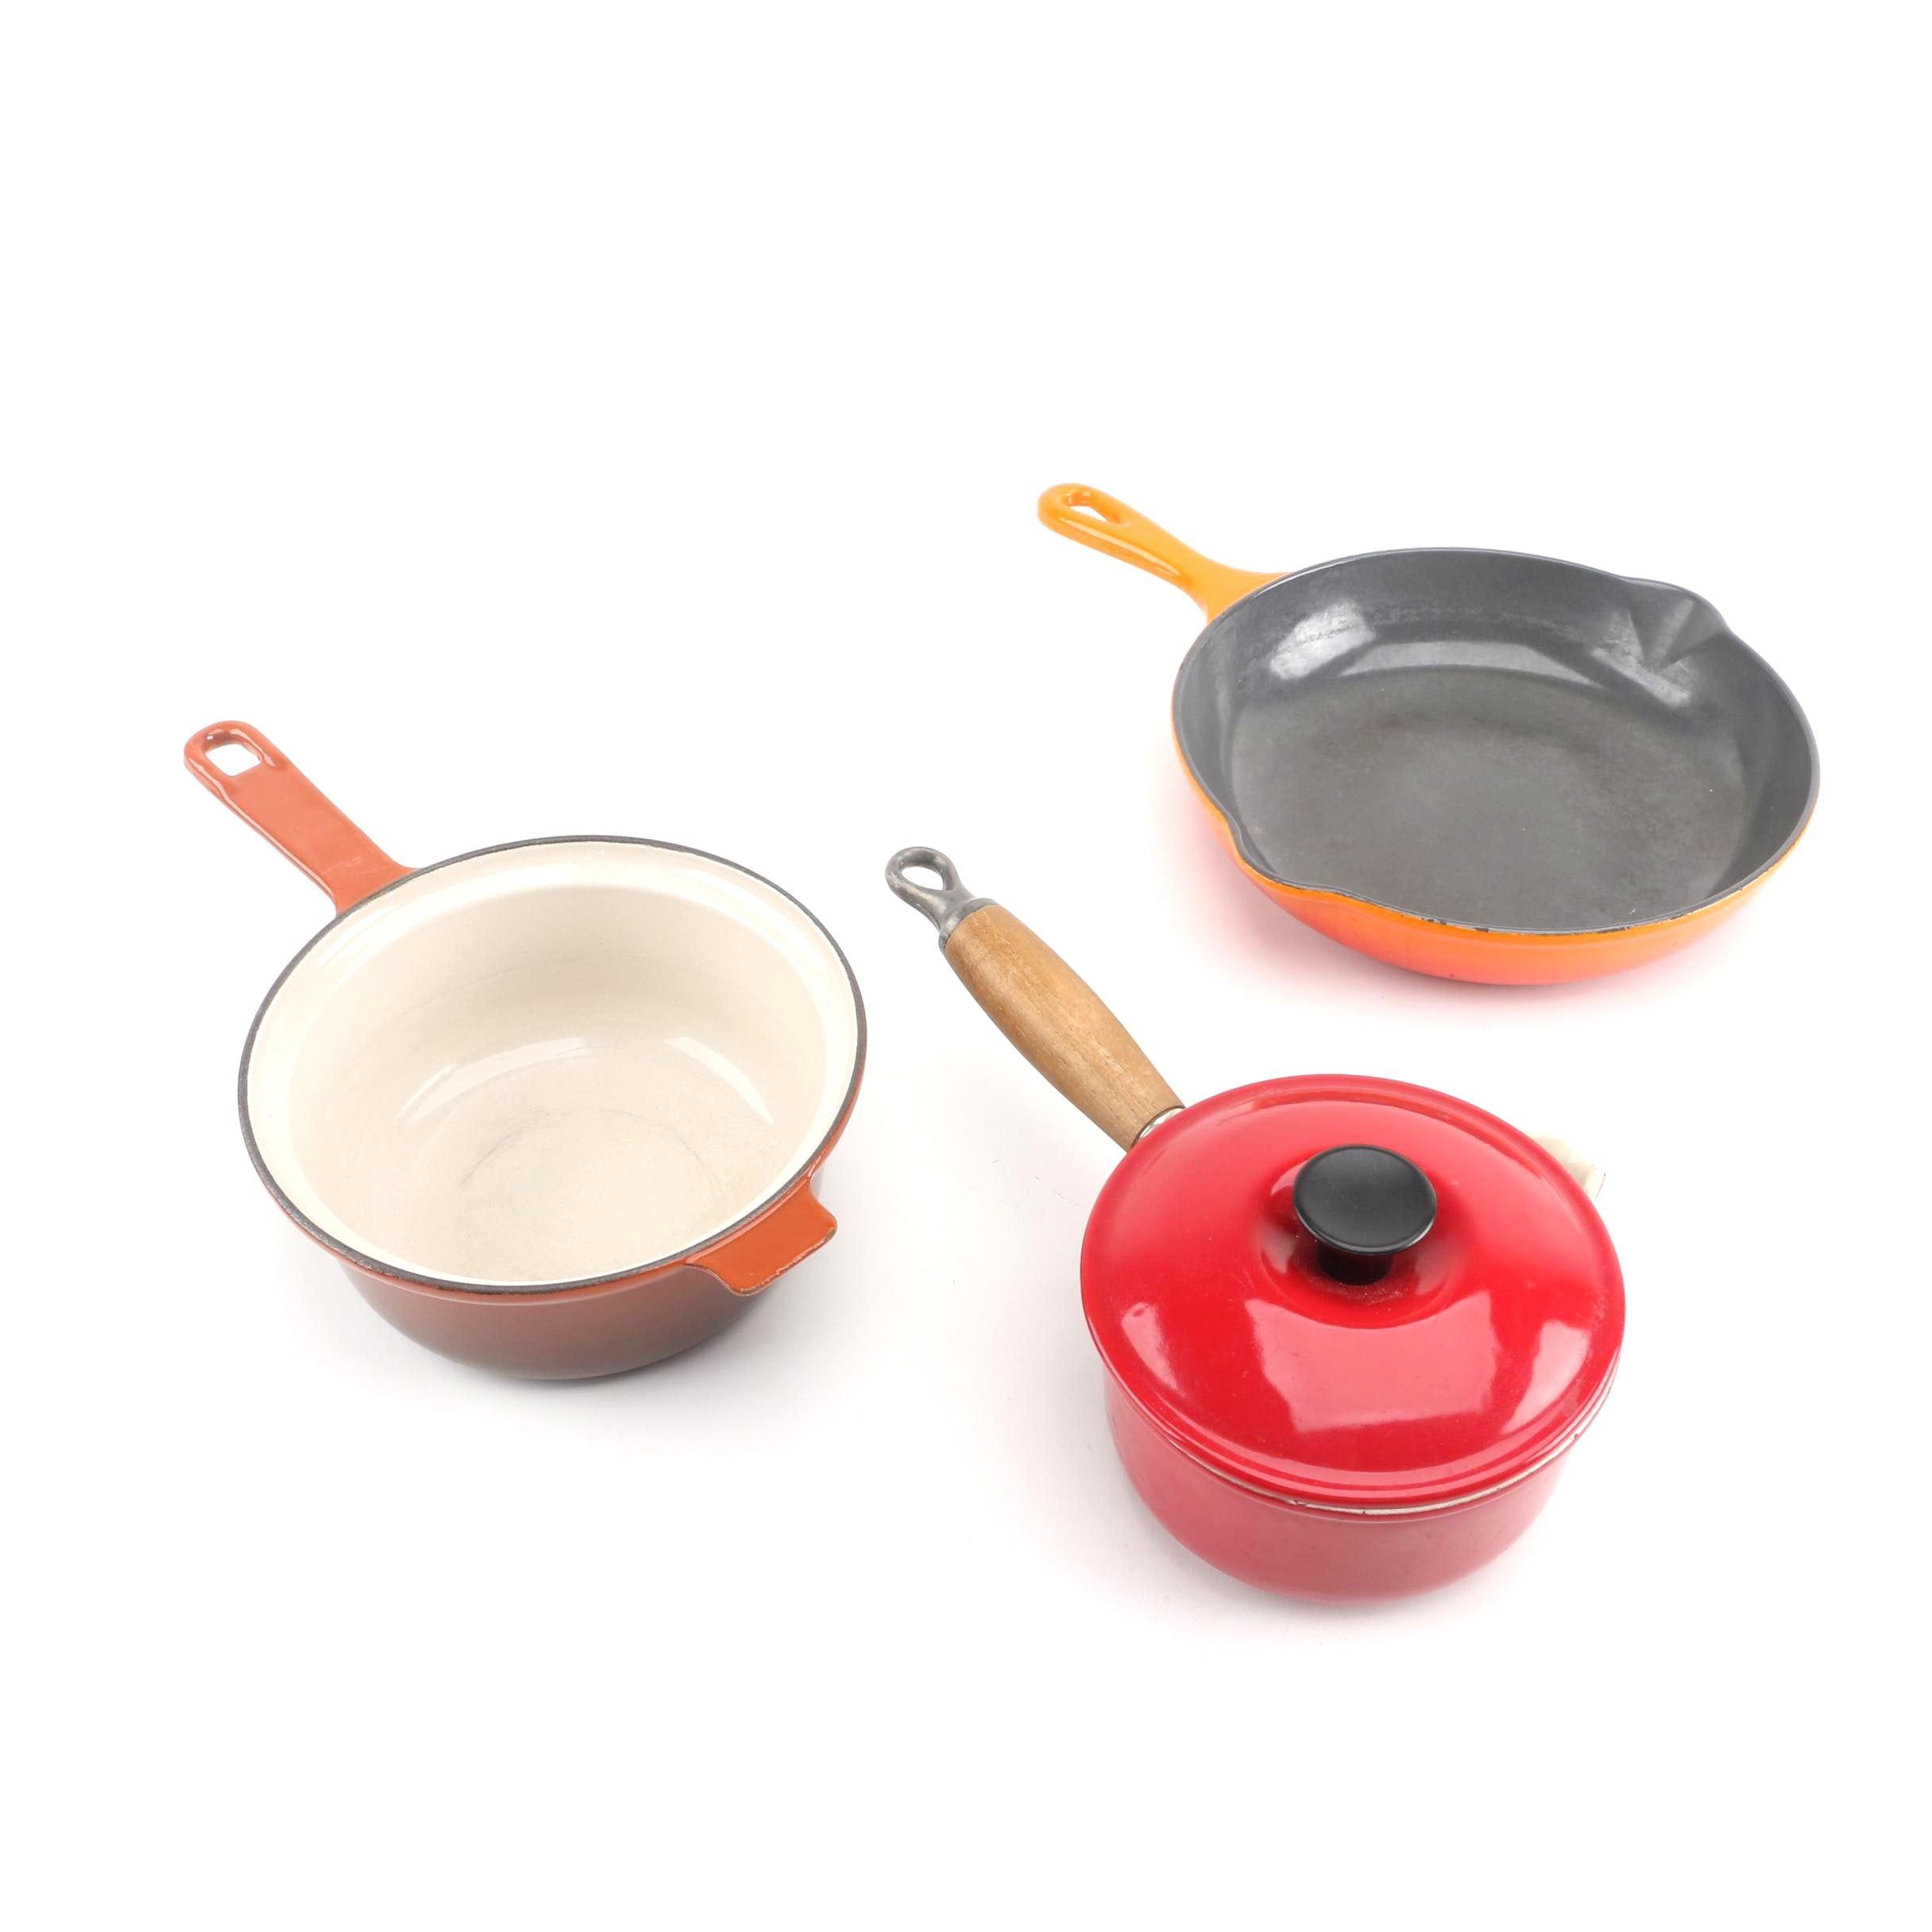 Le Creuset and Cousances Enameled Cookware